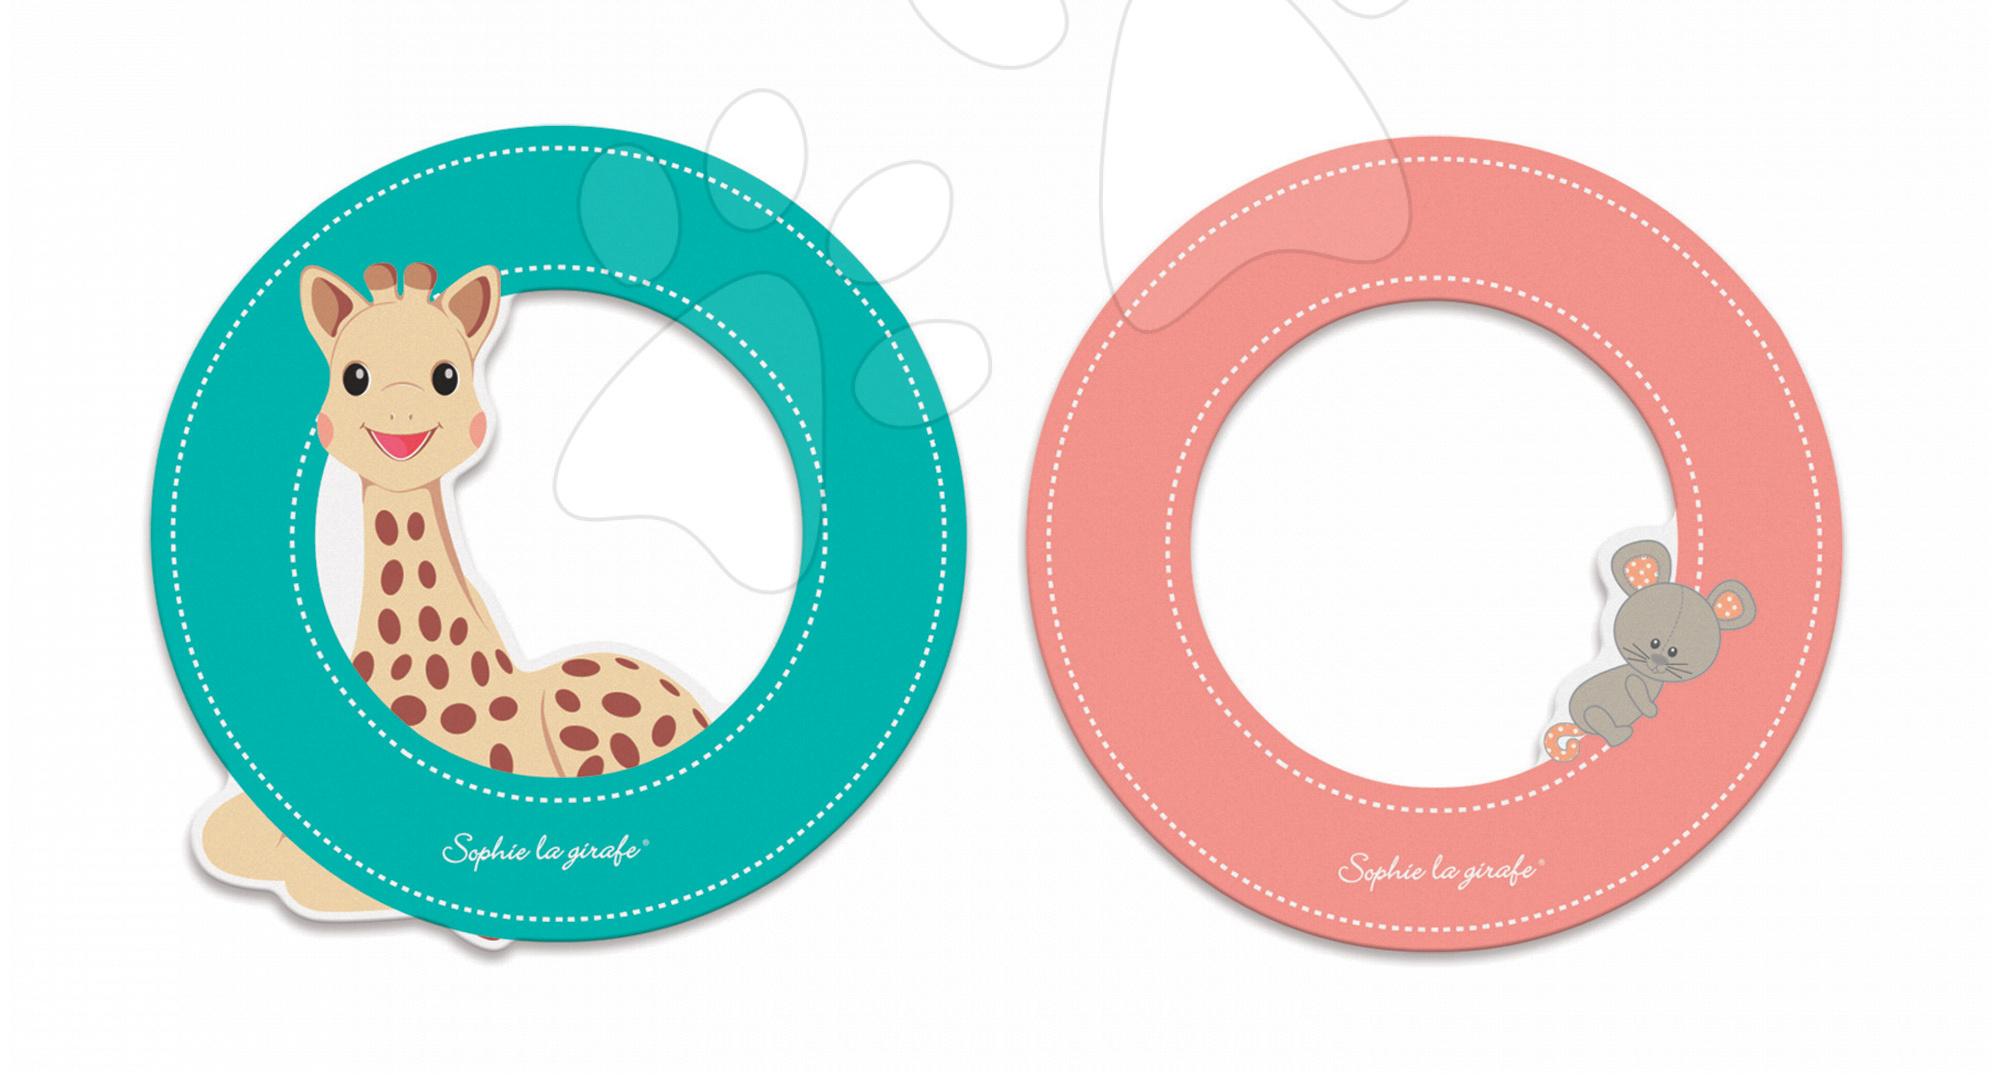 Dekorácie do detských izieb - Drevené písmeno O Sophie The Giraffe Janod lepiace 7 cm tyrkysové/ružové od 3 rokov